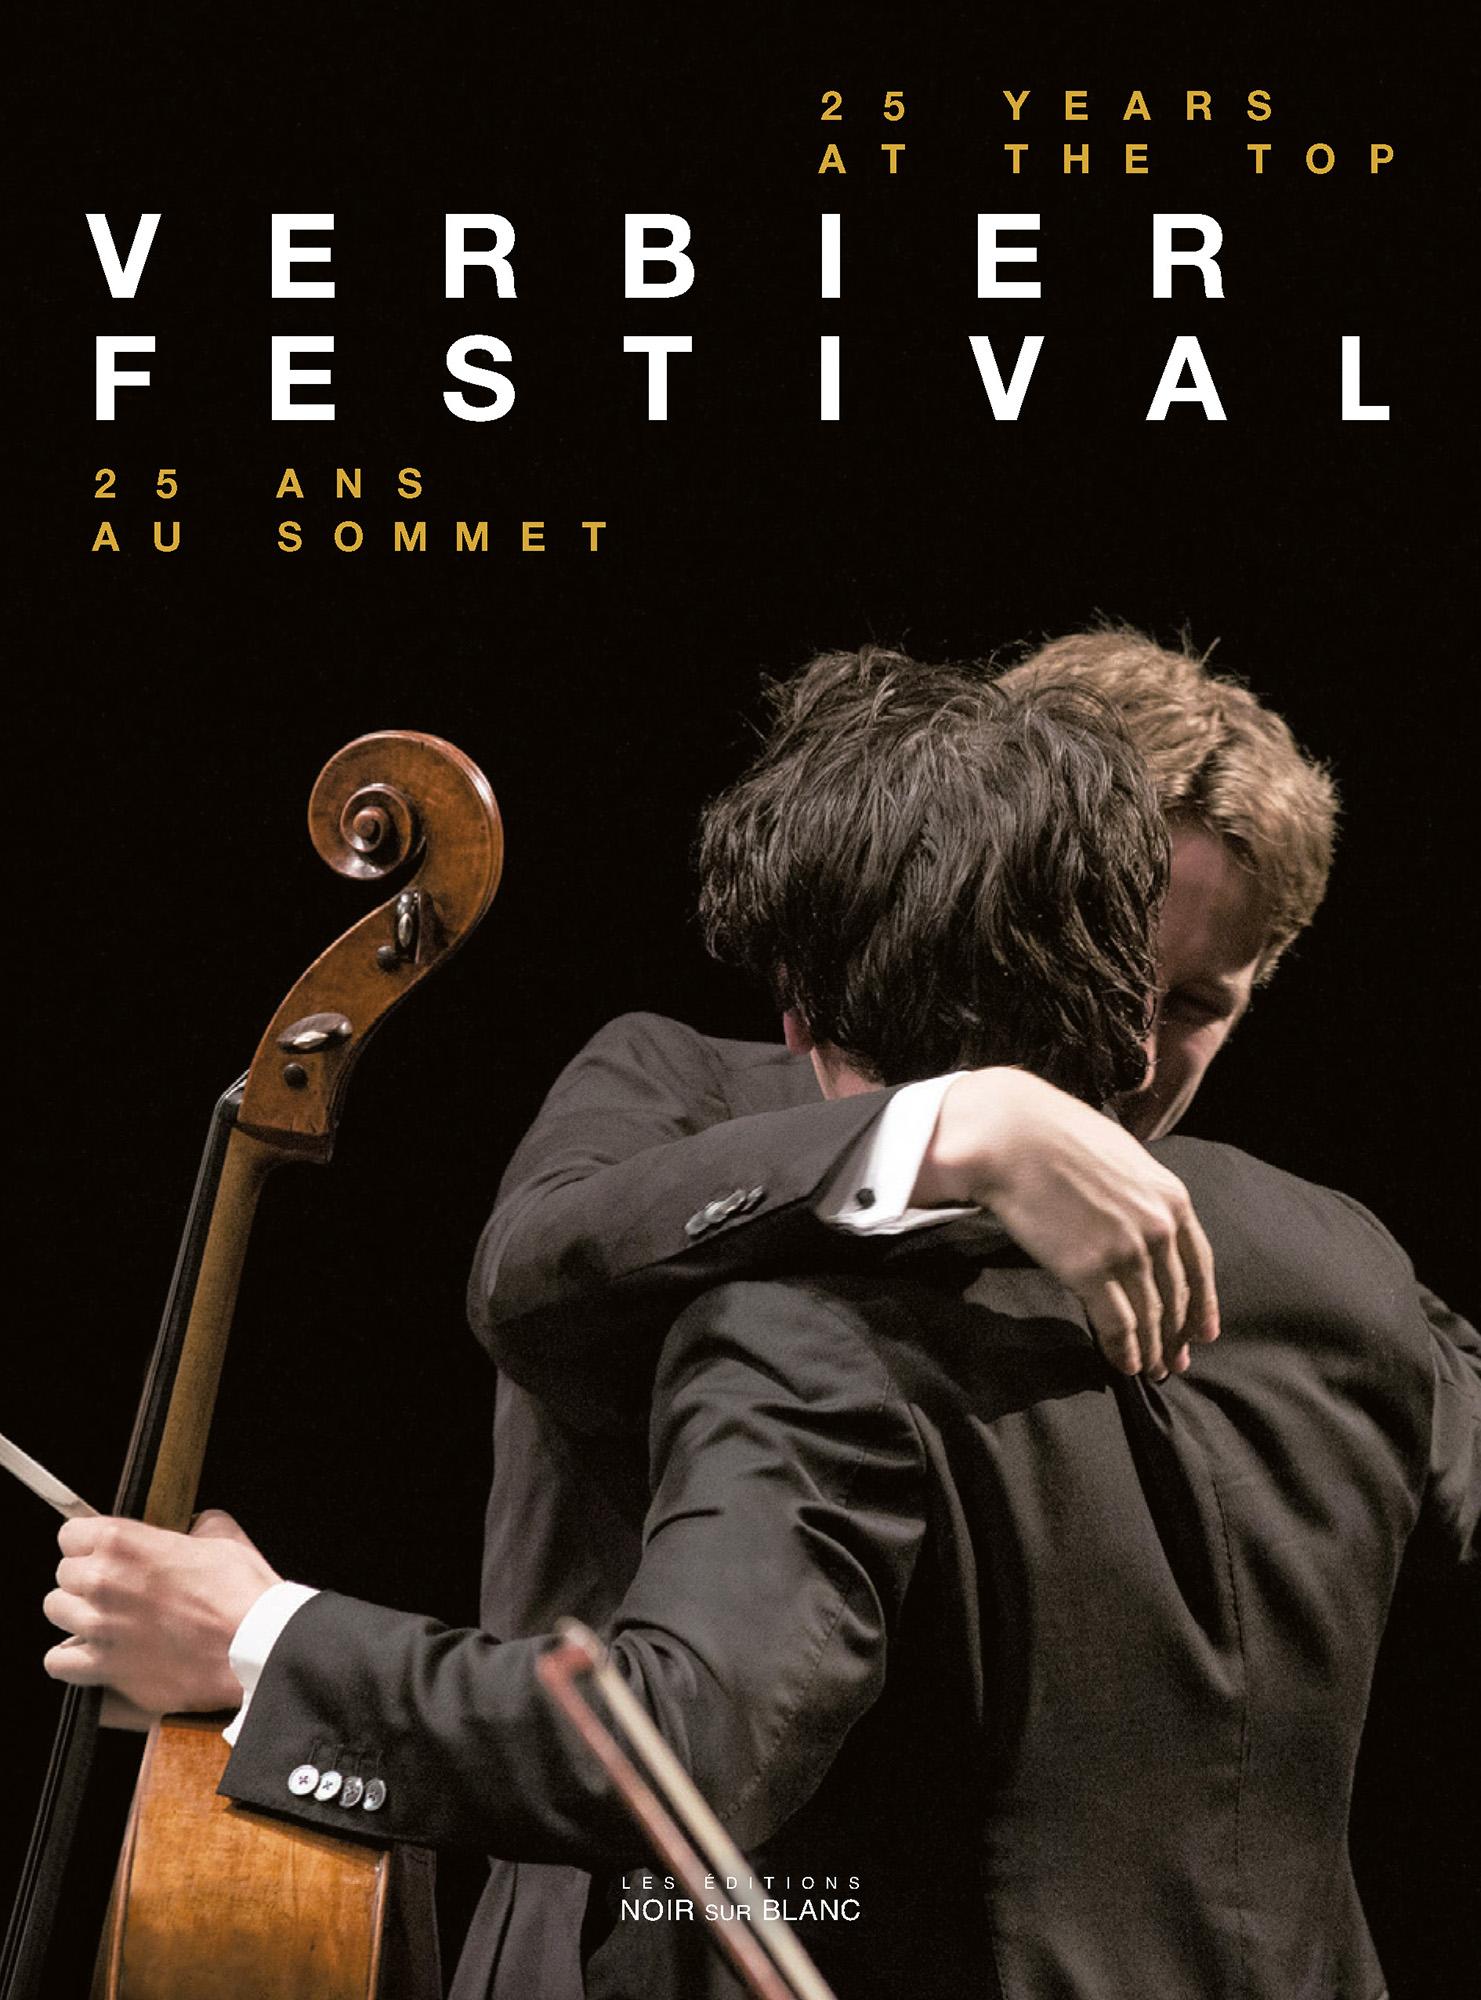 verbier-festival-25ans-cover.jpg